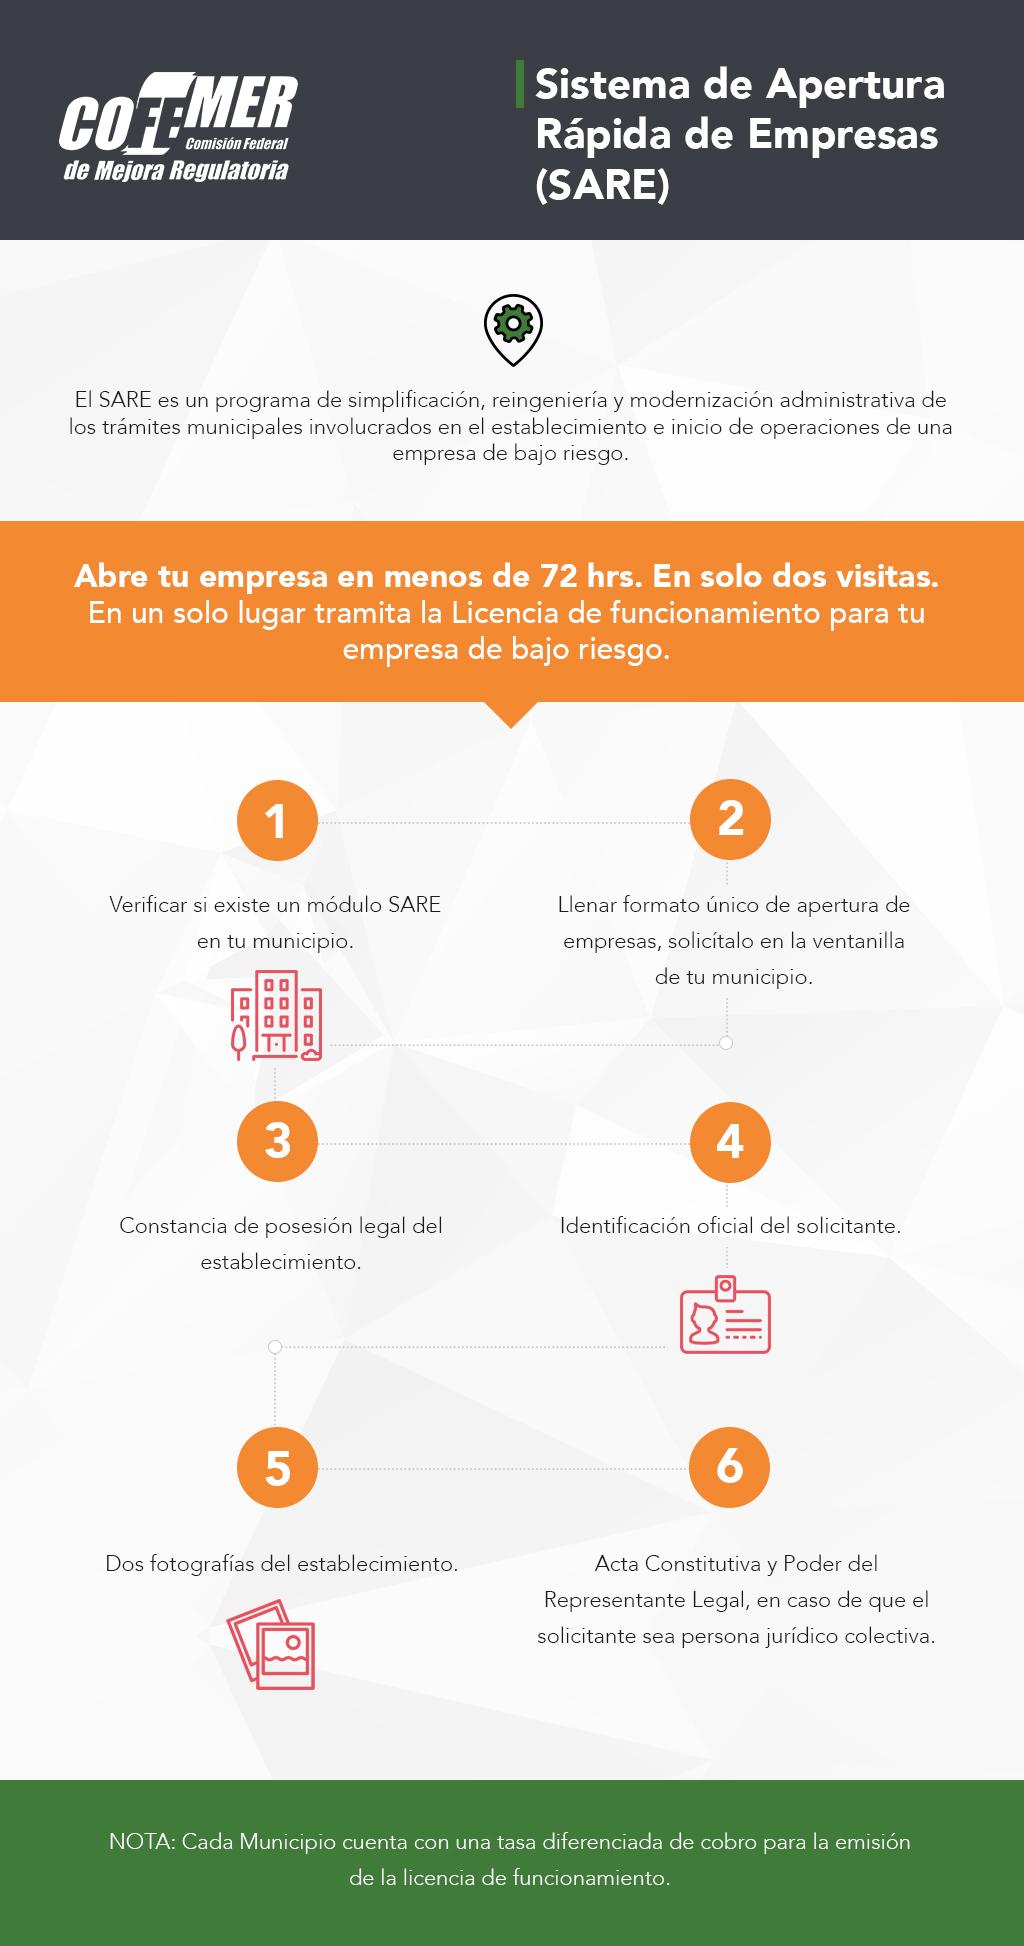 impi_infografia-sare-confemer